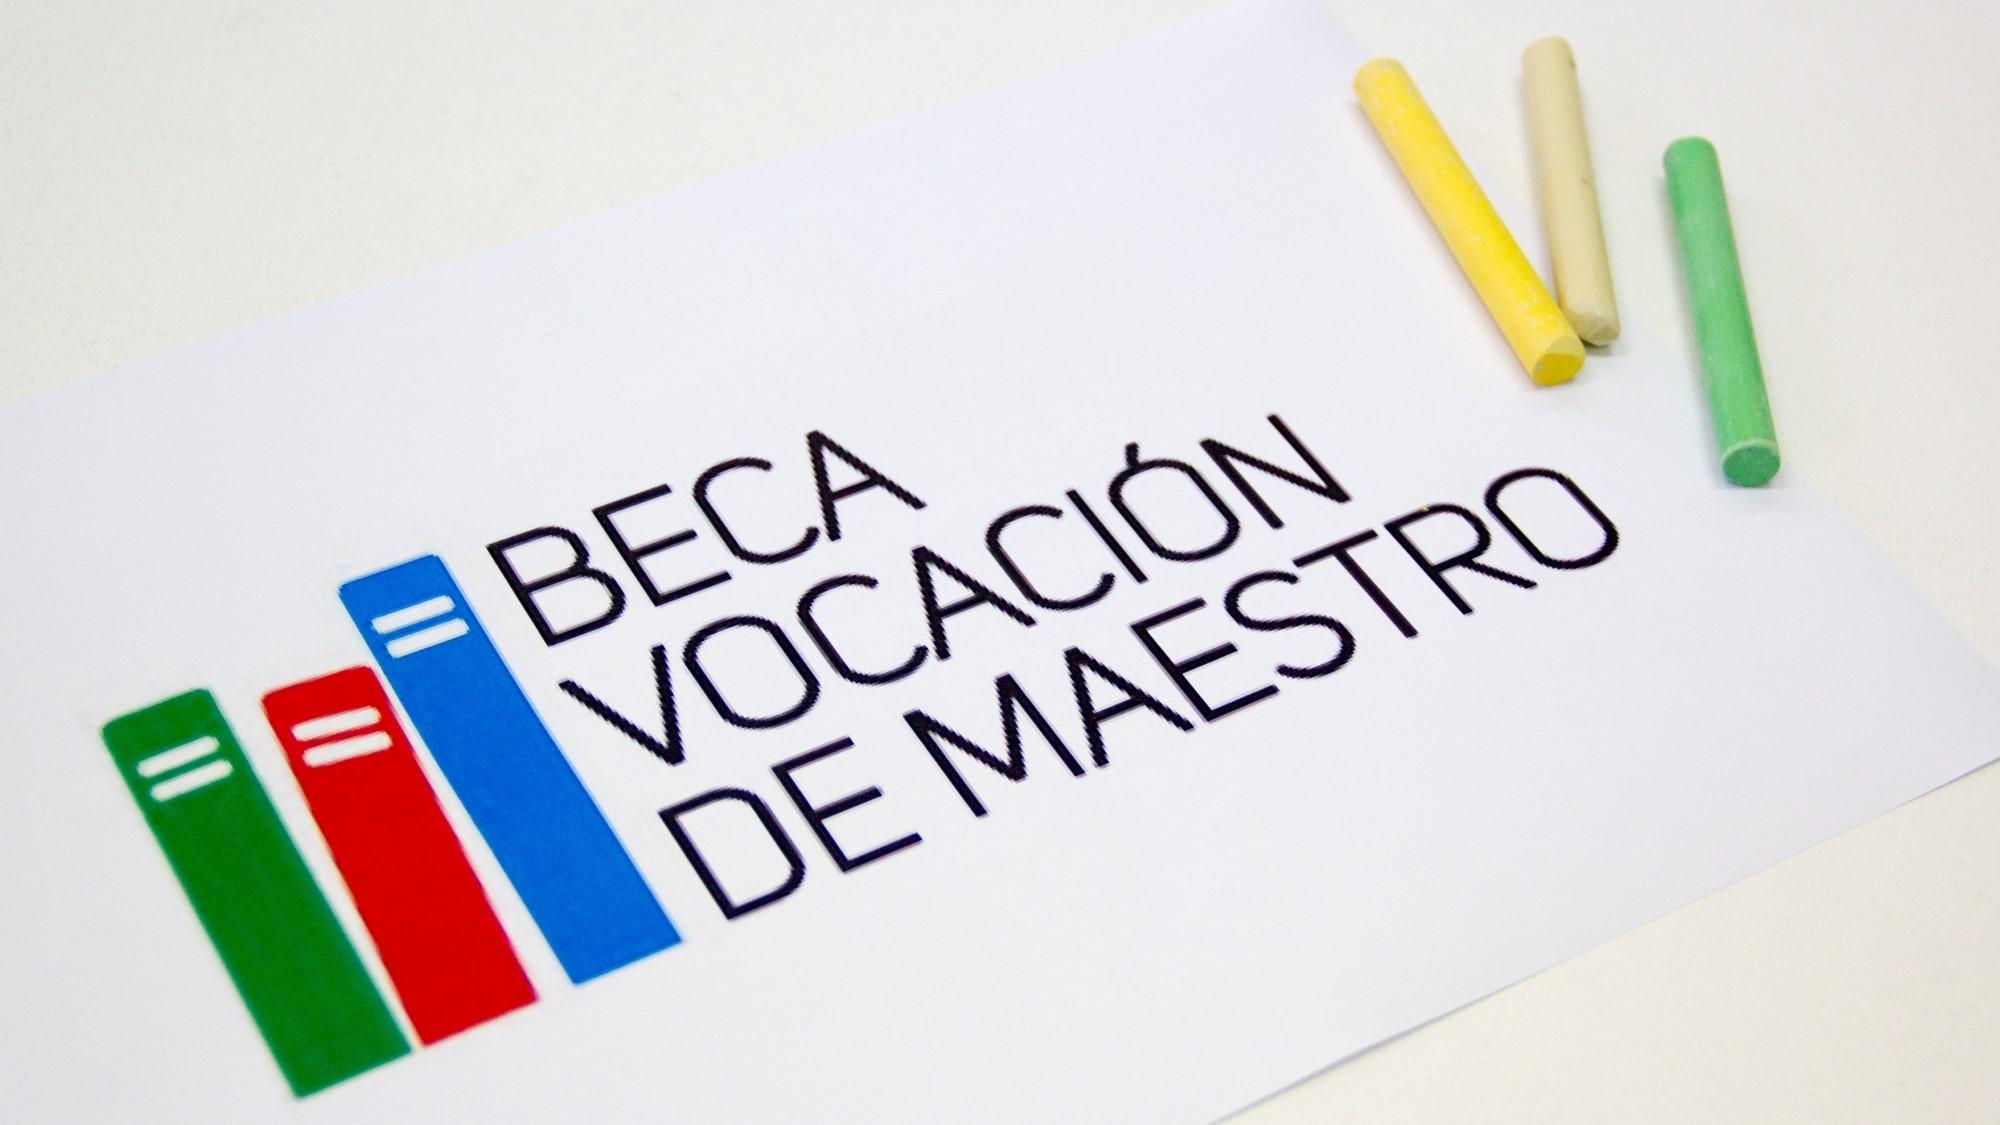 beca-vocacionmaestro-udep1